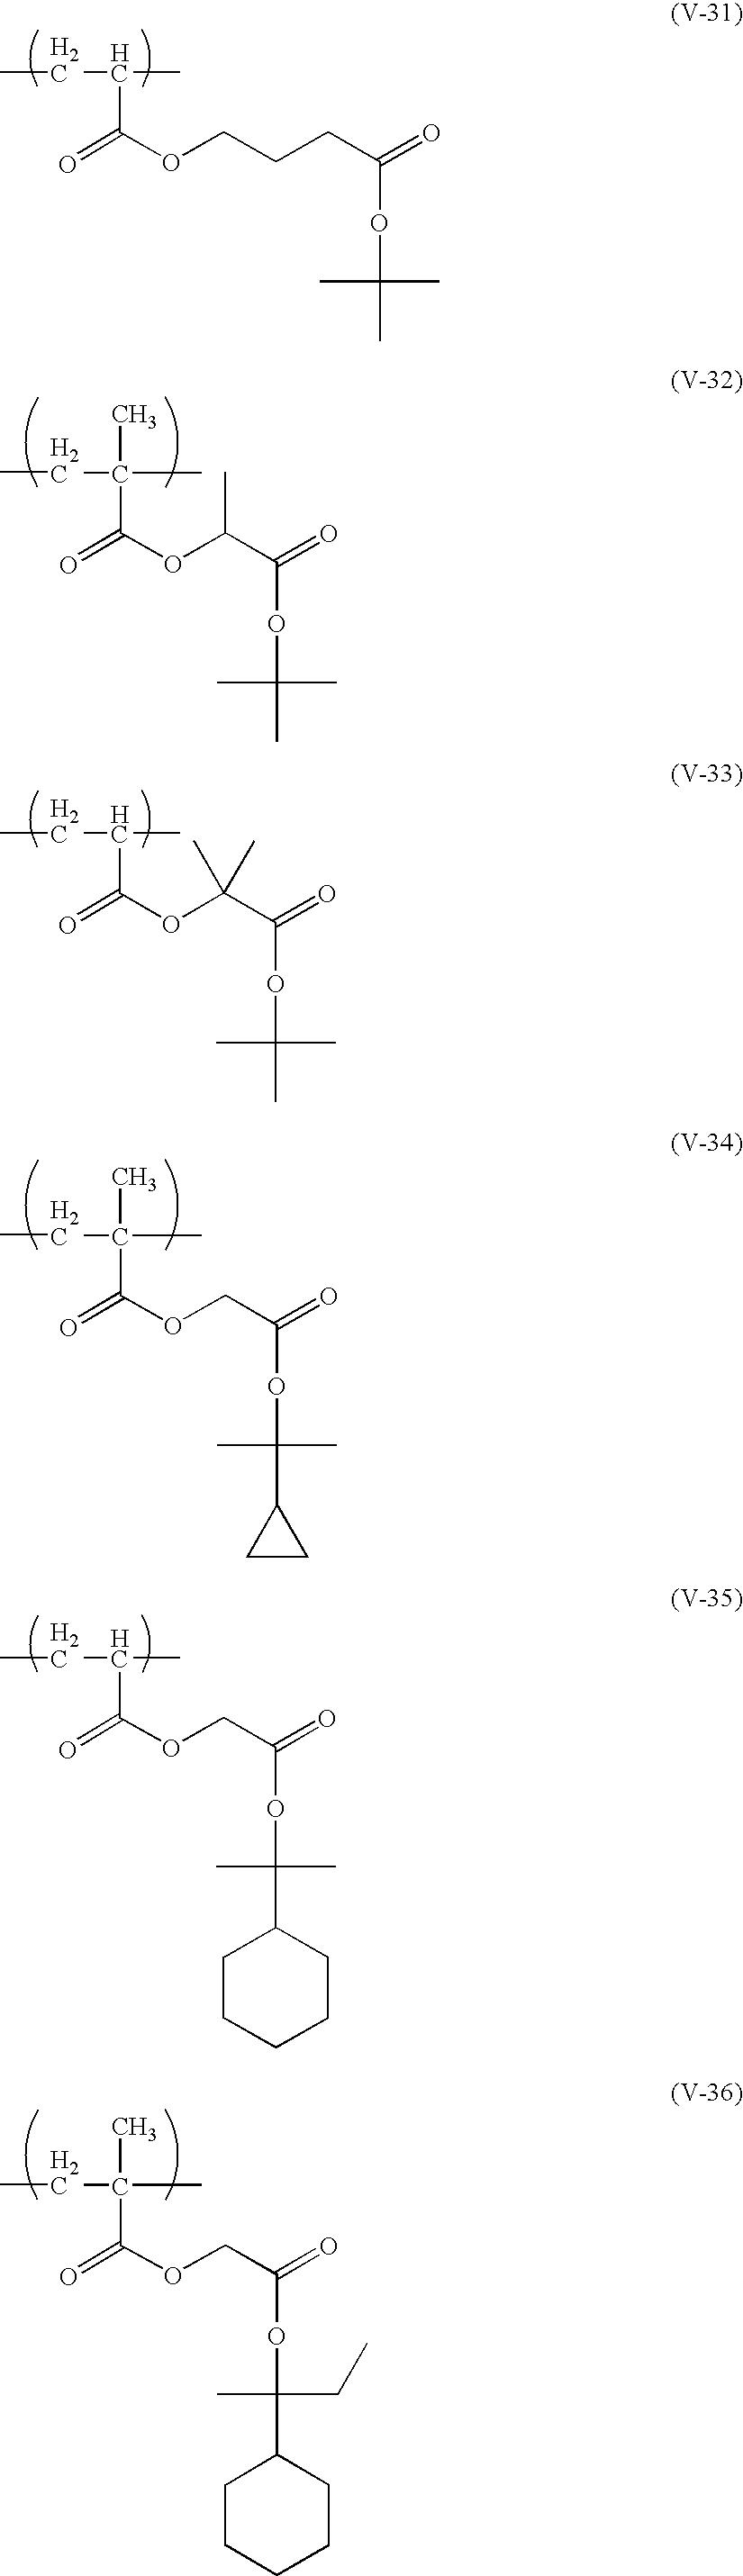 Figure US08852845-20141007-C00113